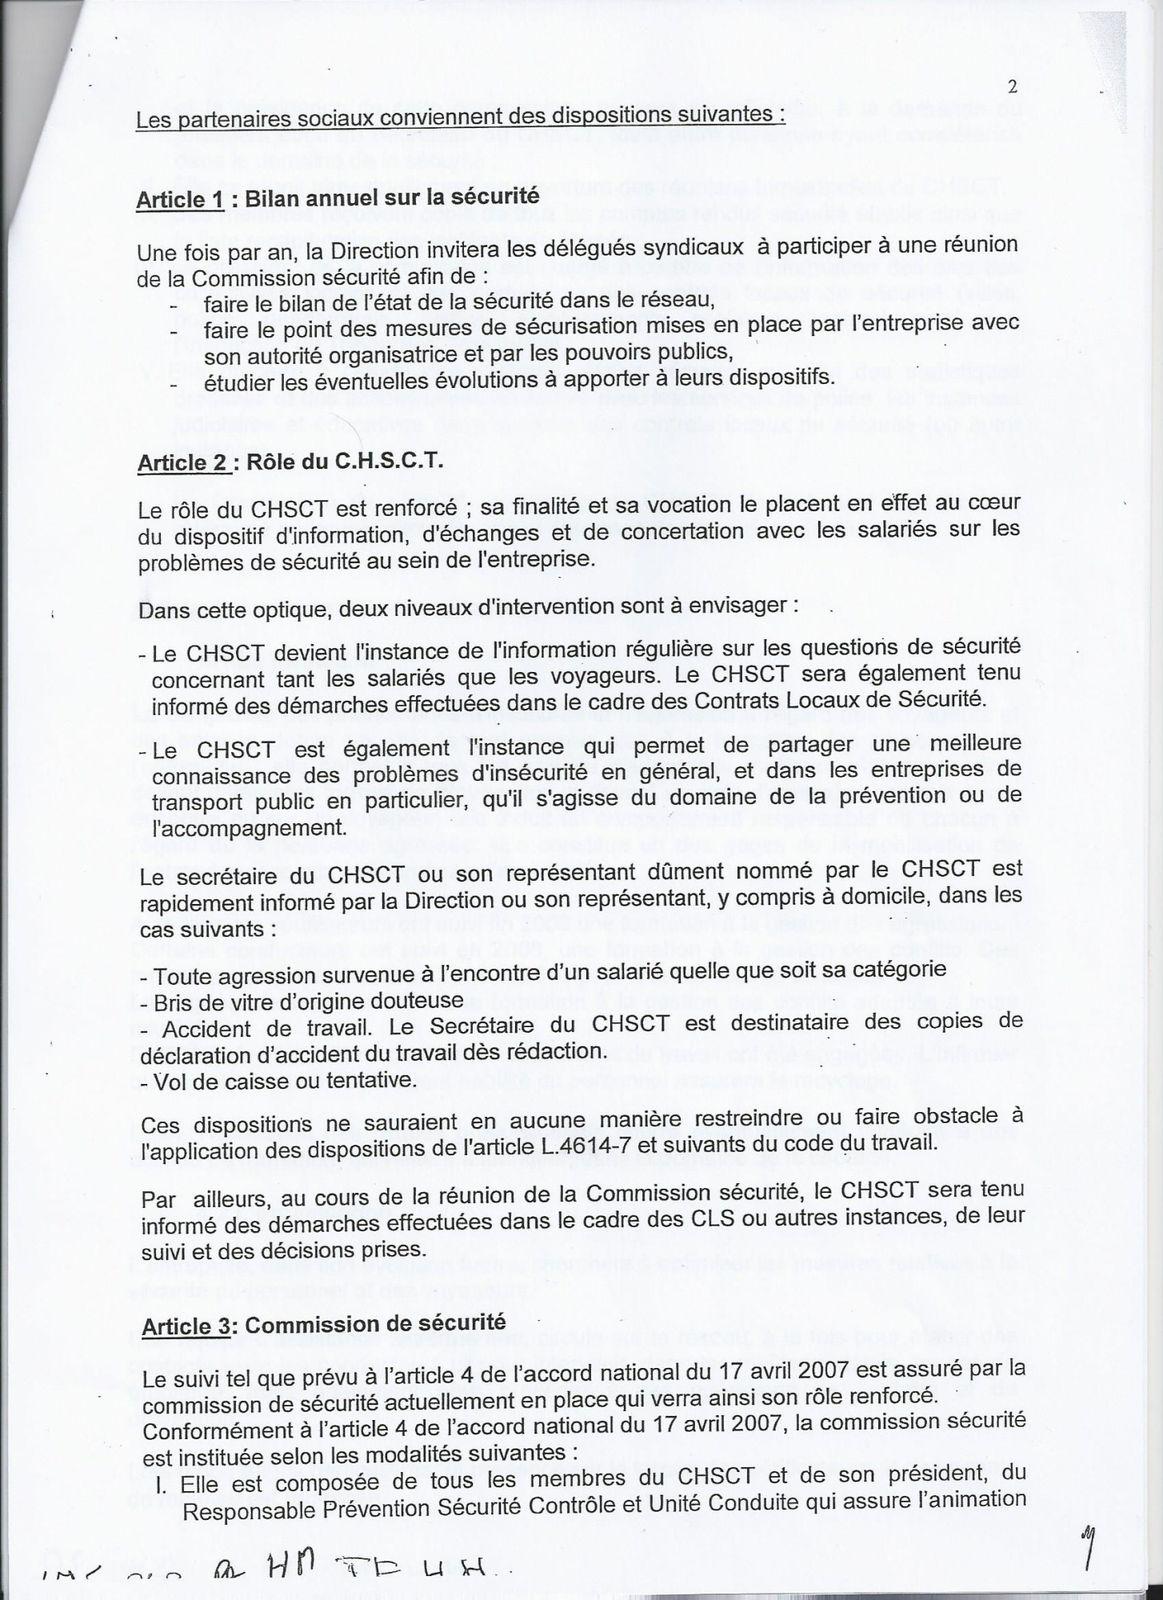 ACCORD RELATIF À LA SÉCURITÉ DES PERSONNES ET DES BIENS